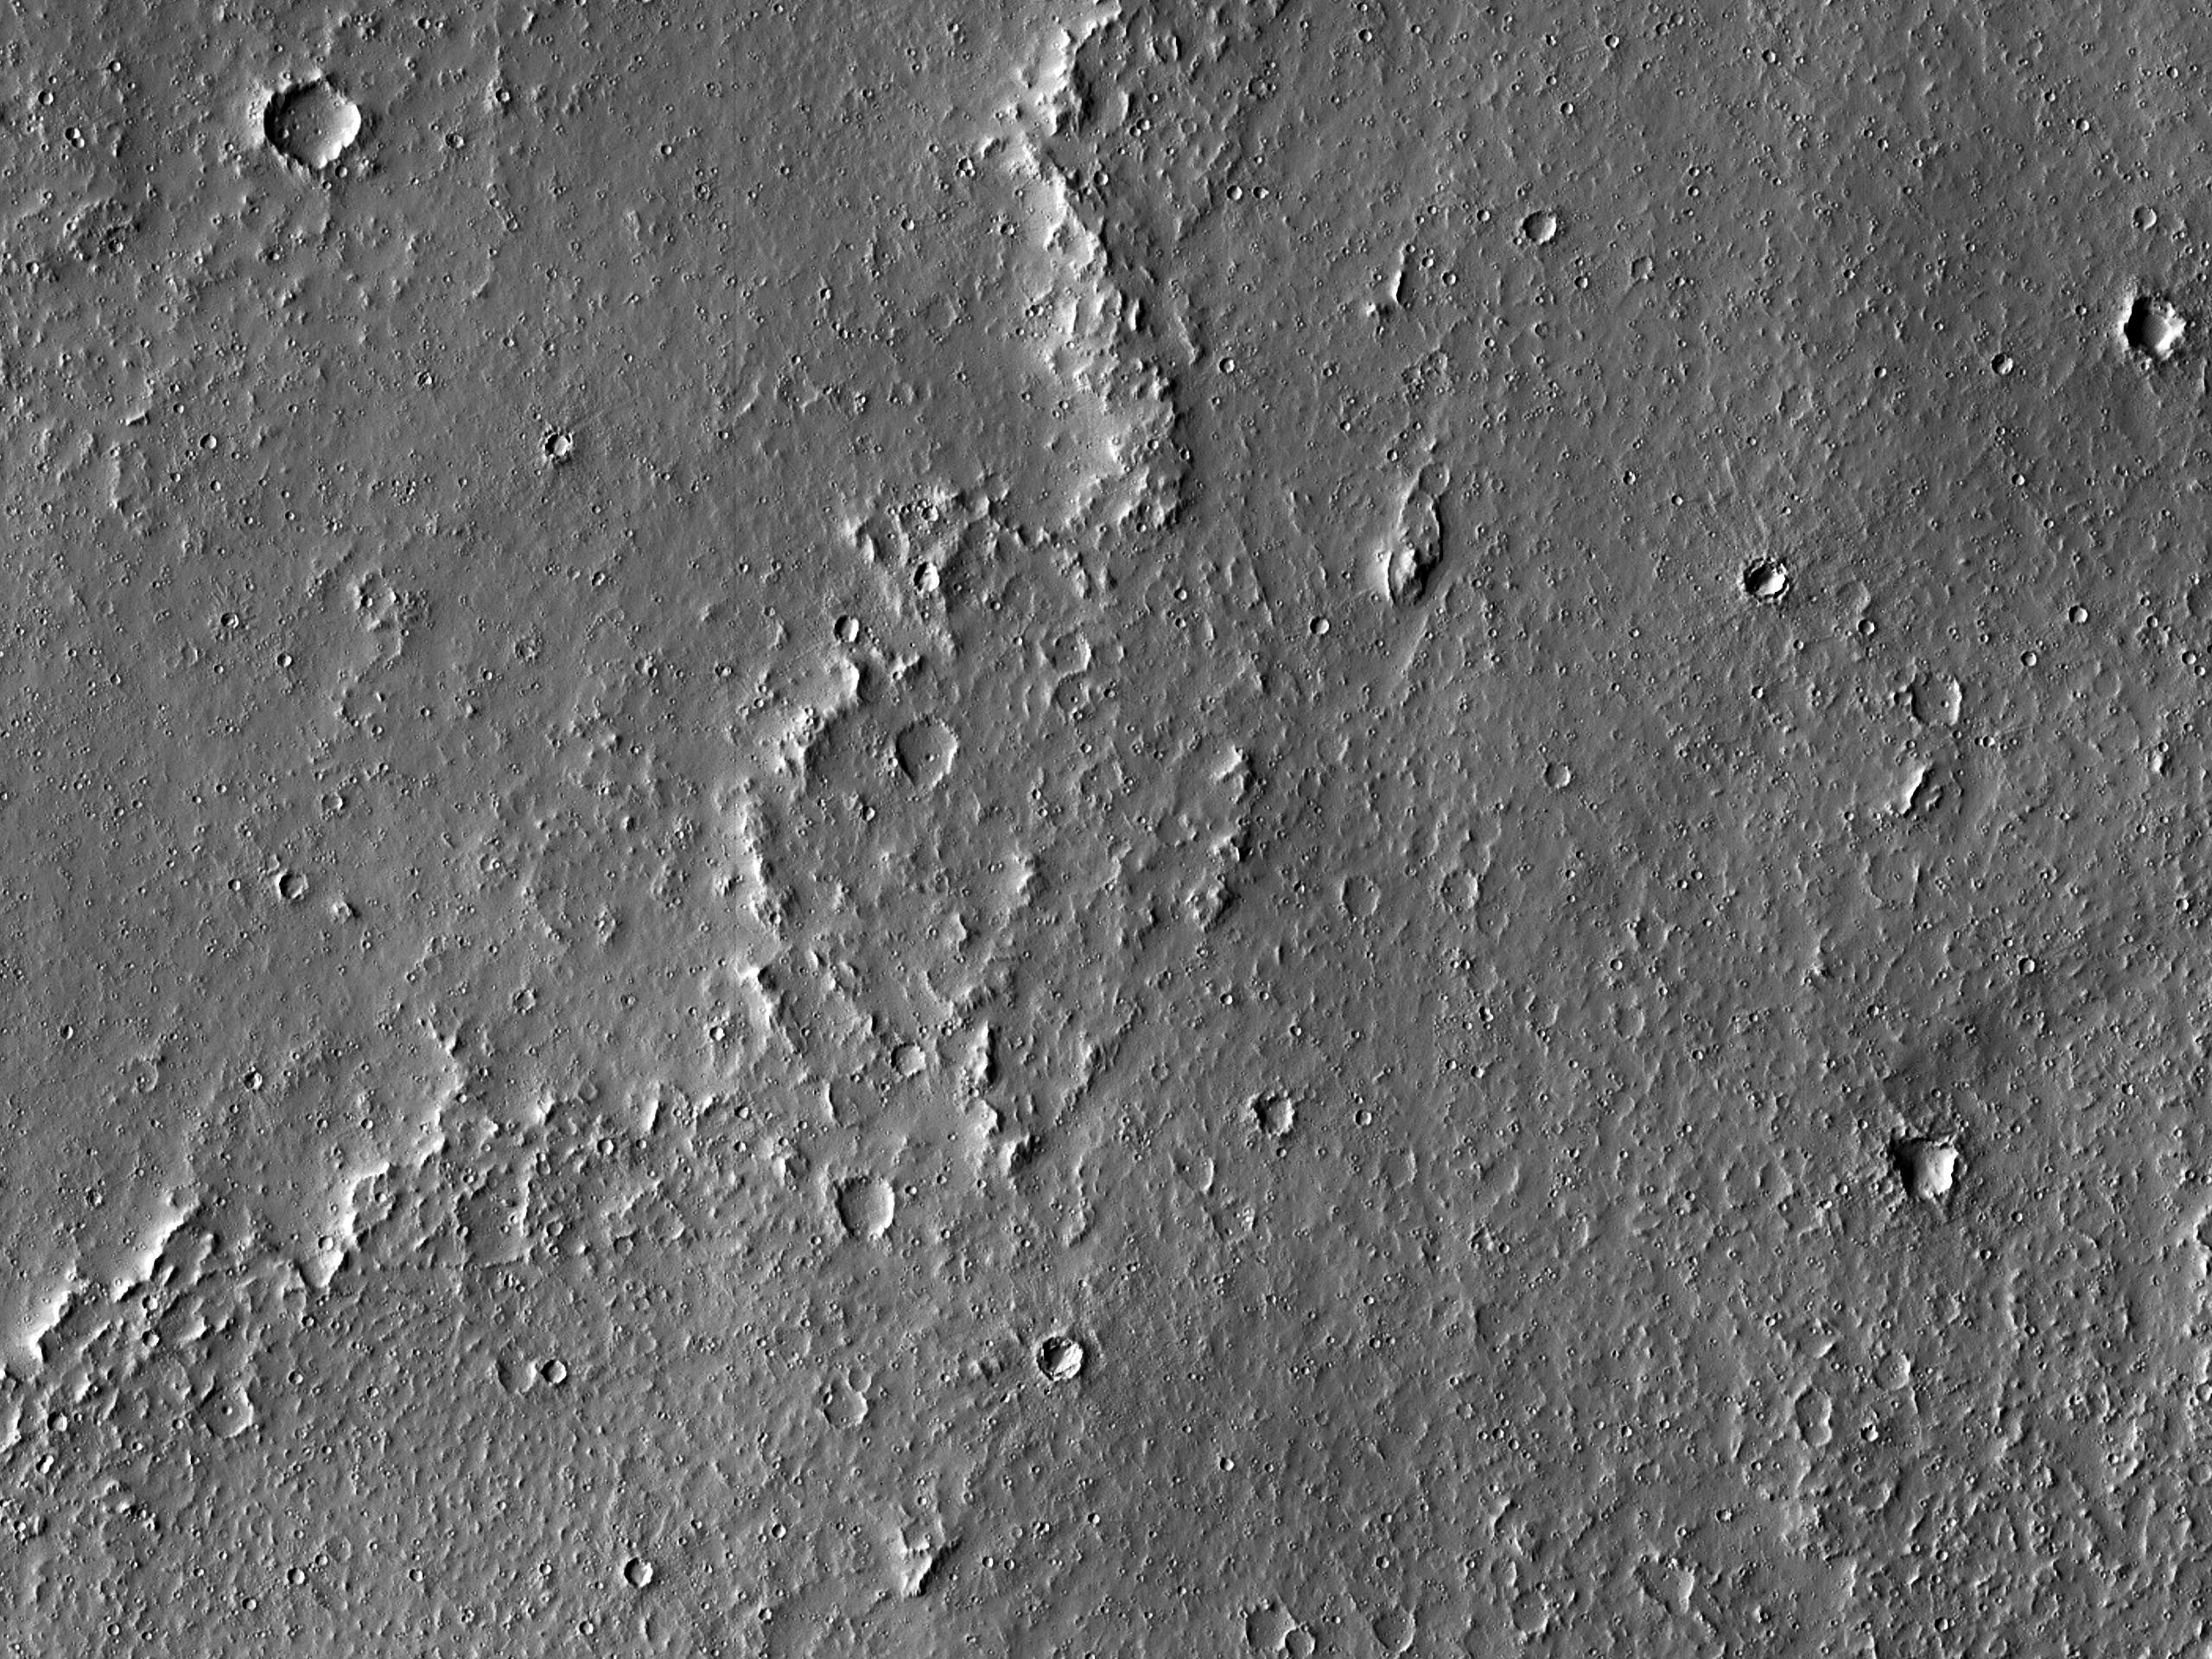 Темные полосы к юго-западу отборозд Ceraunius Fossae